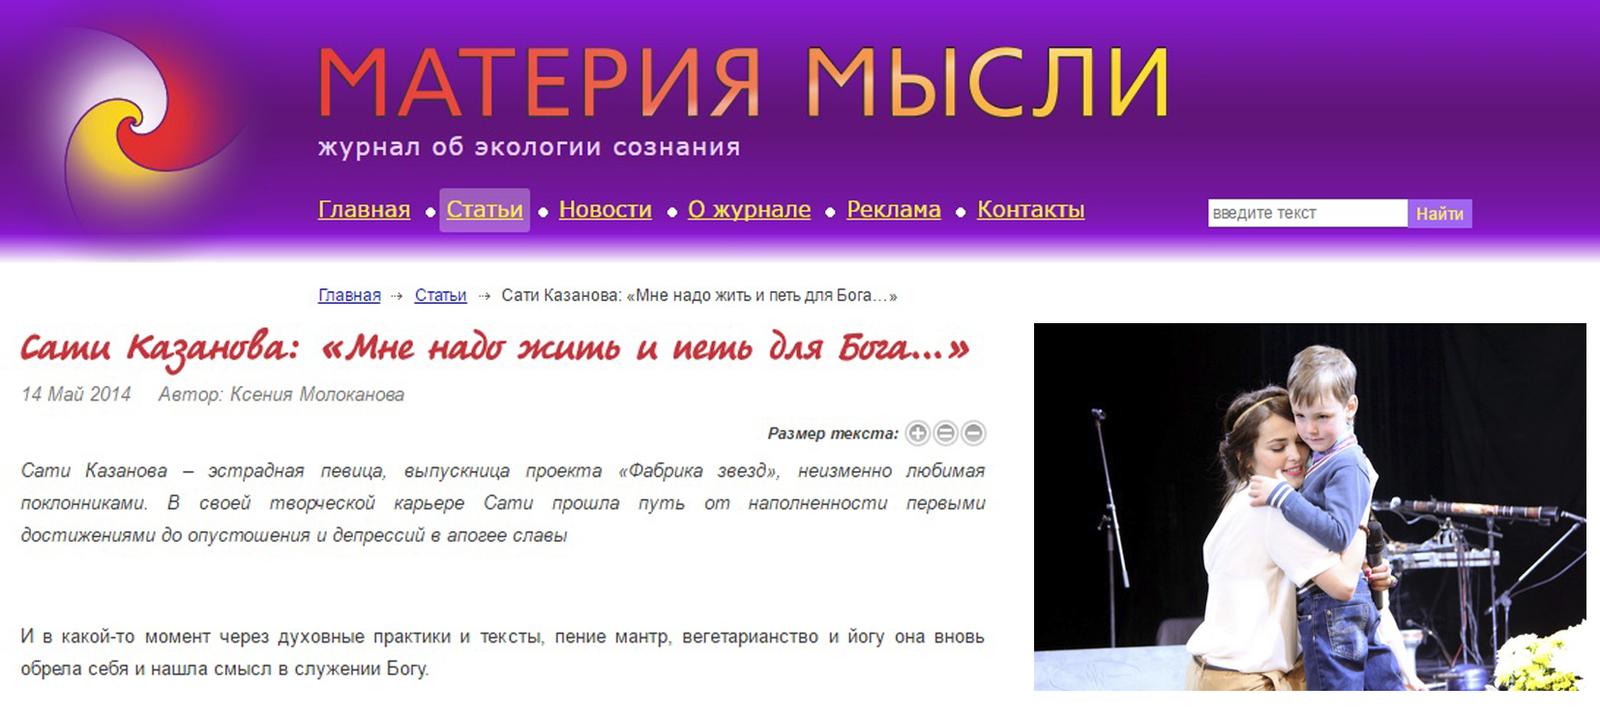 14.05.2014. Сати Казанова. Мне надо жить и петь для Бога….